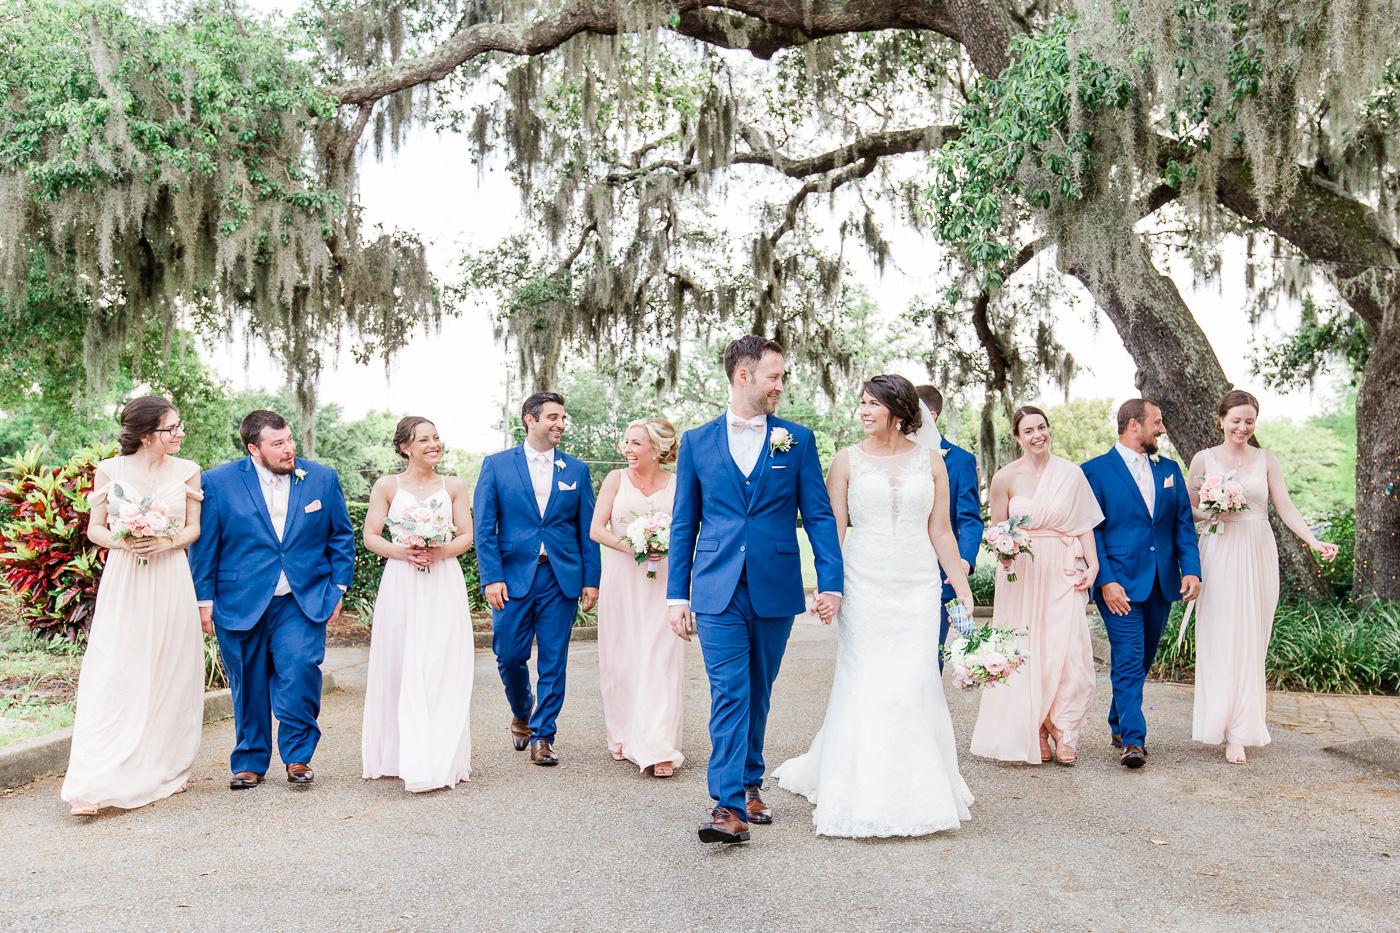 creative-bridal-party-photos-2.jpg